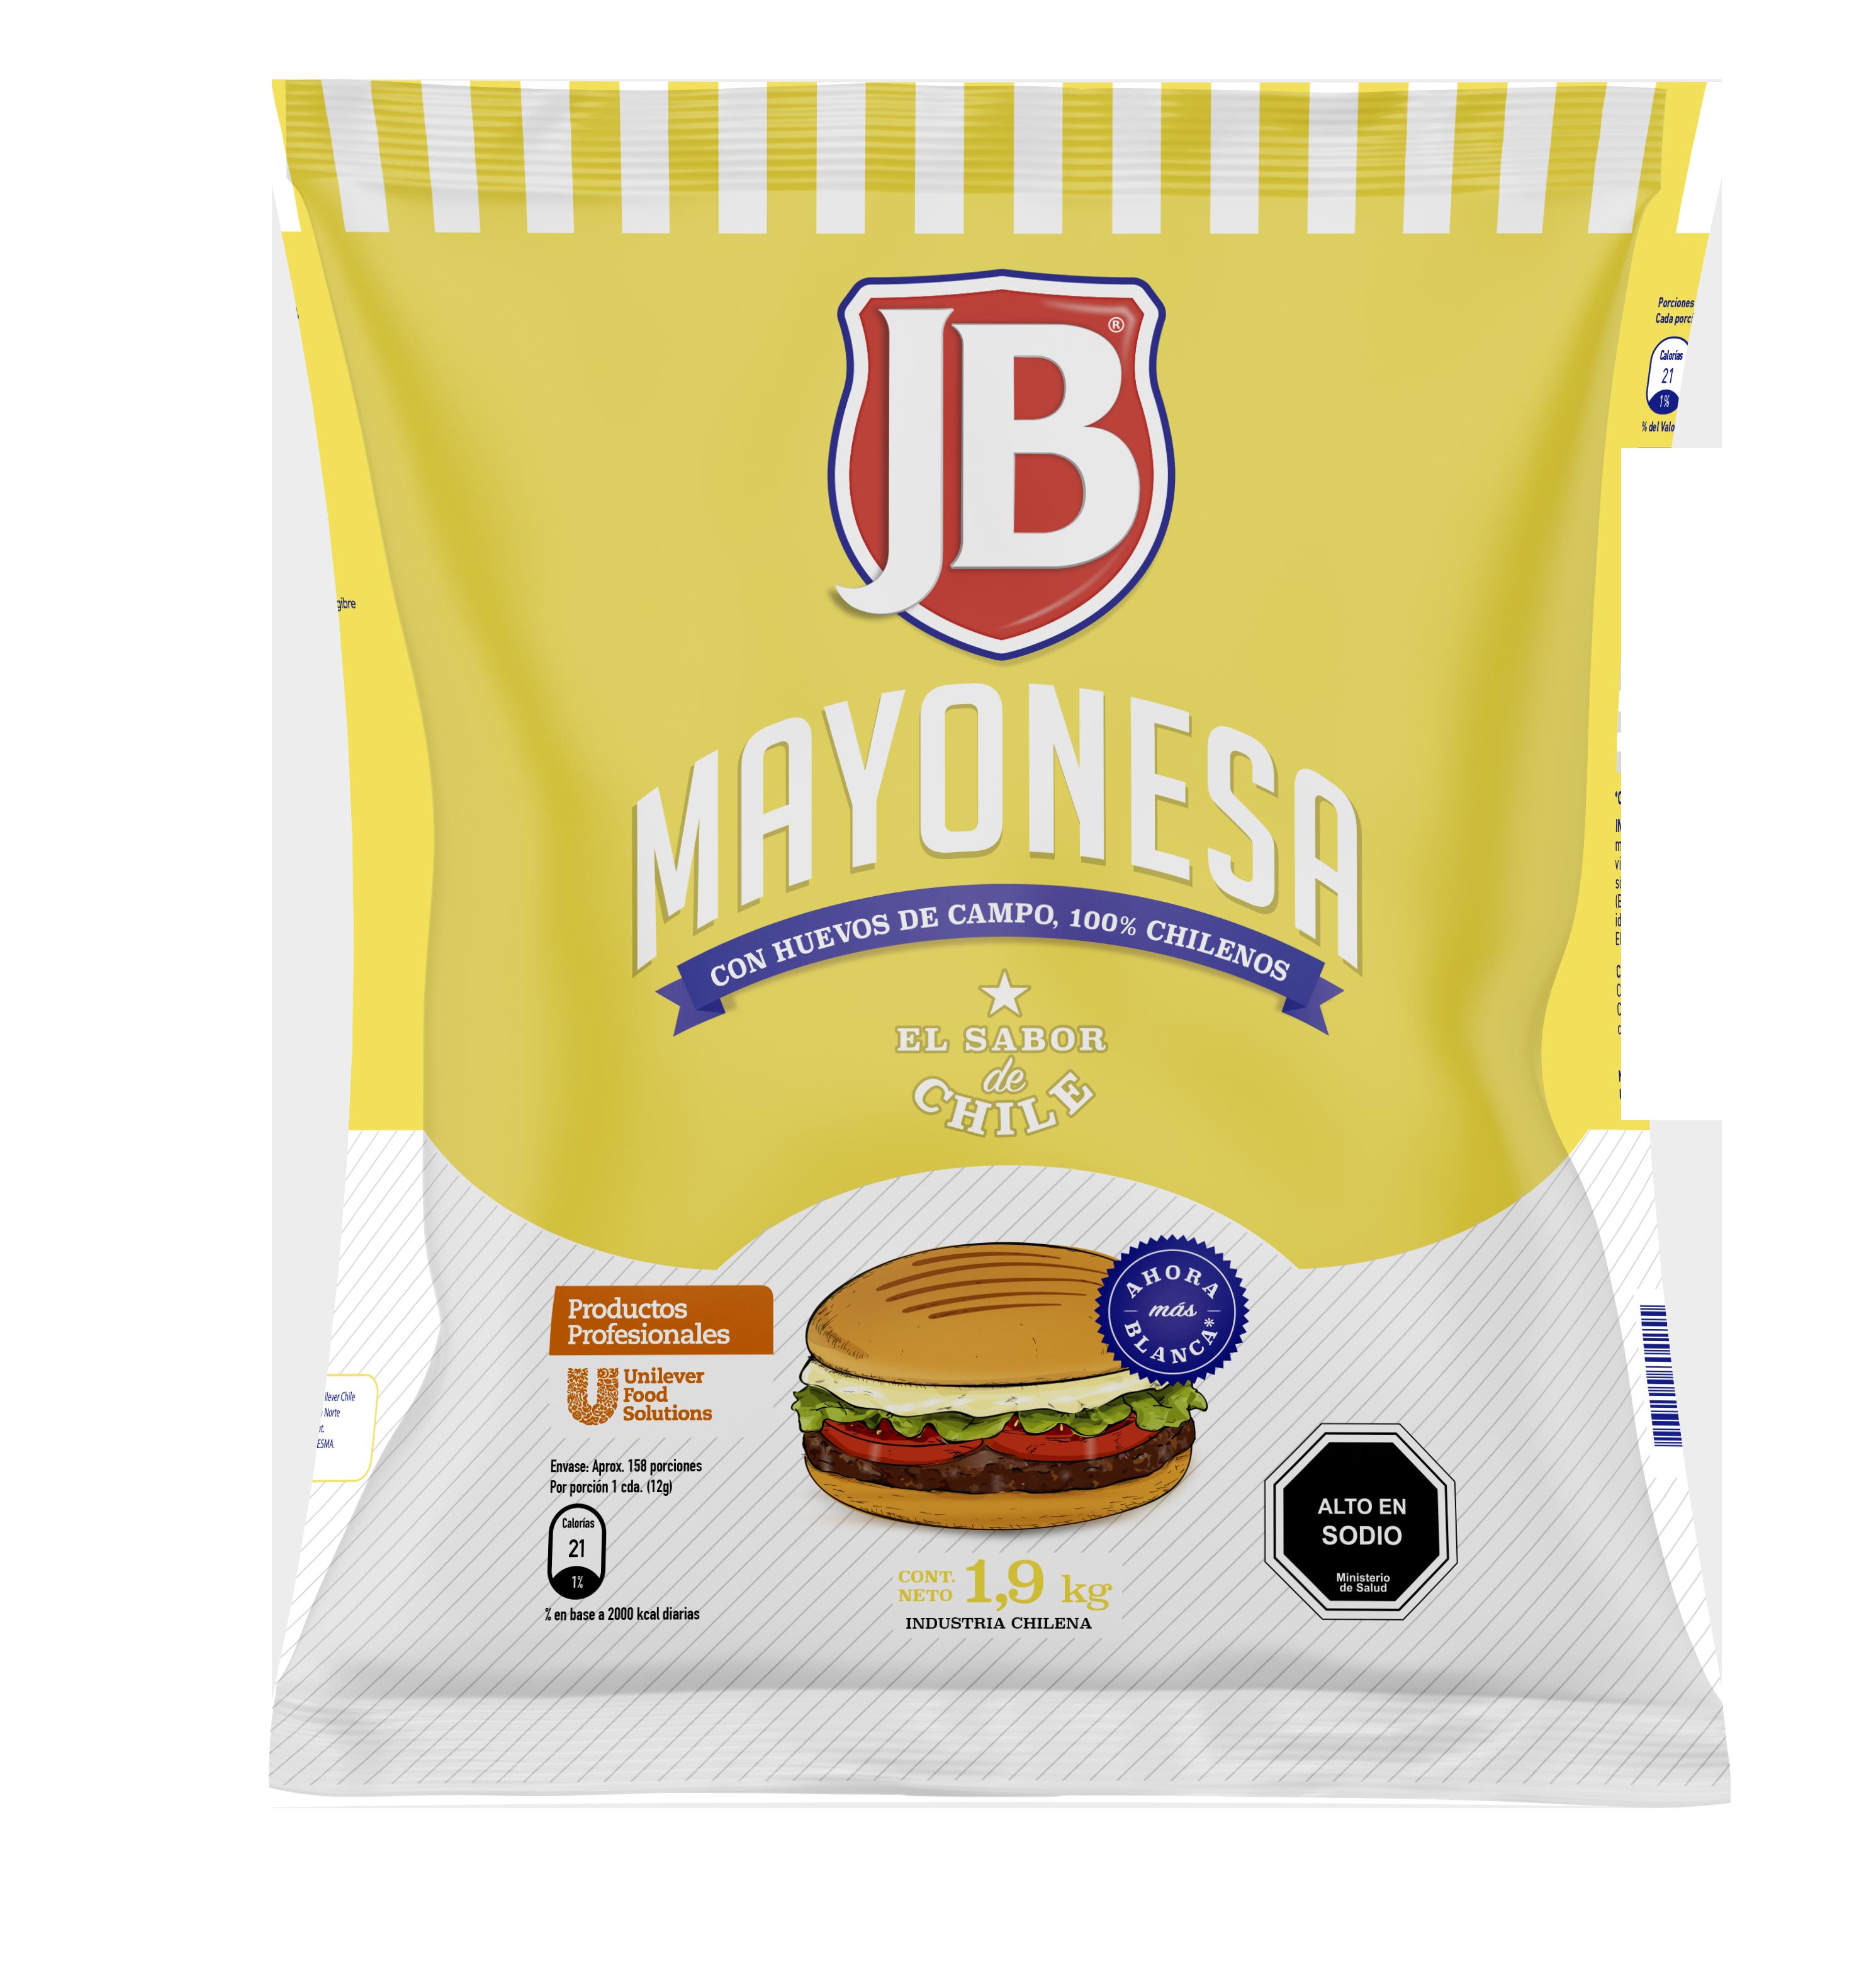 Mayonesa JB 1.9KG - Mayonesa JB, el sabor de Chile!